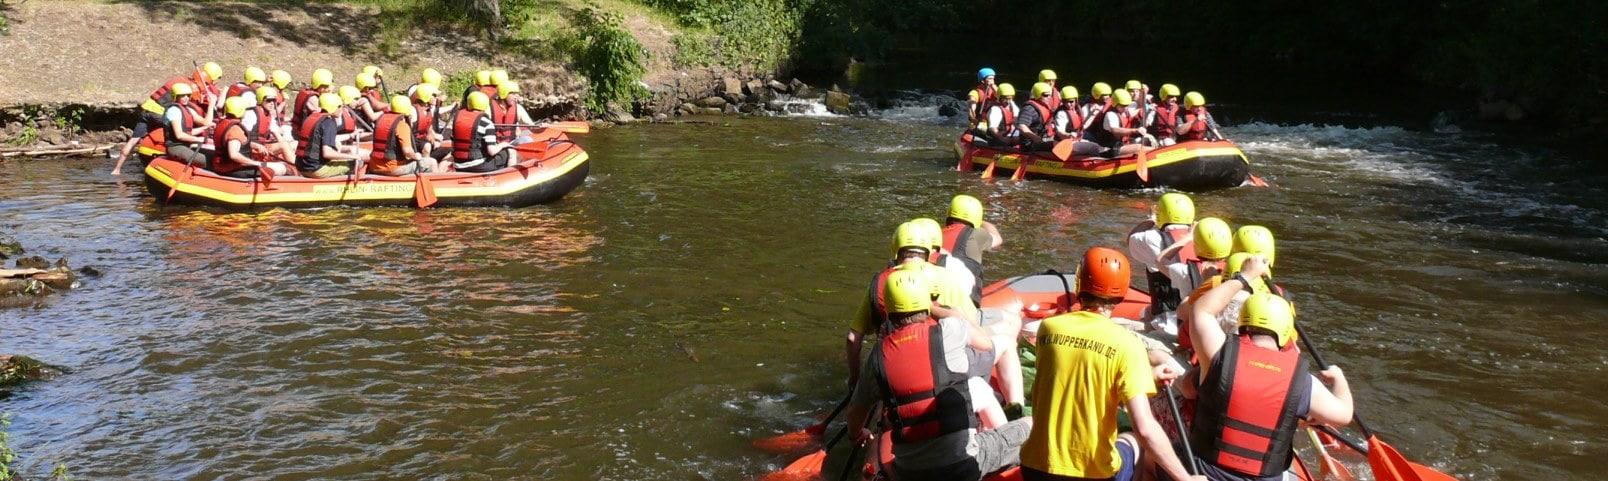 Rhein Rafting für Betriebsausflüge